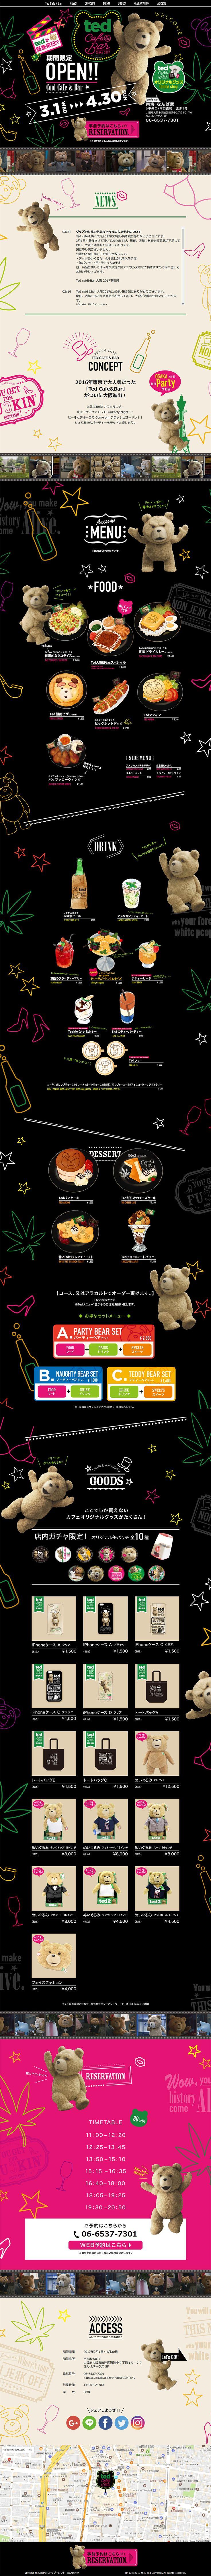 ted Cafe & Bar OSAKA 2017【食品関連】のLPデザイン。WEBデザイナーさん必見!ランディングページのデザイン参考に(かわいい系)